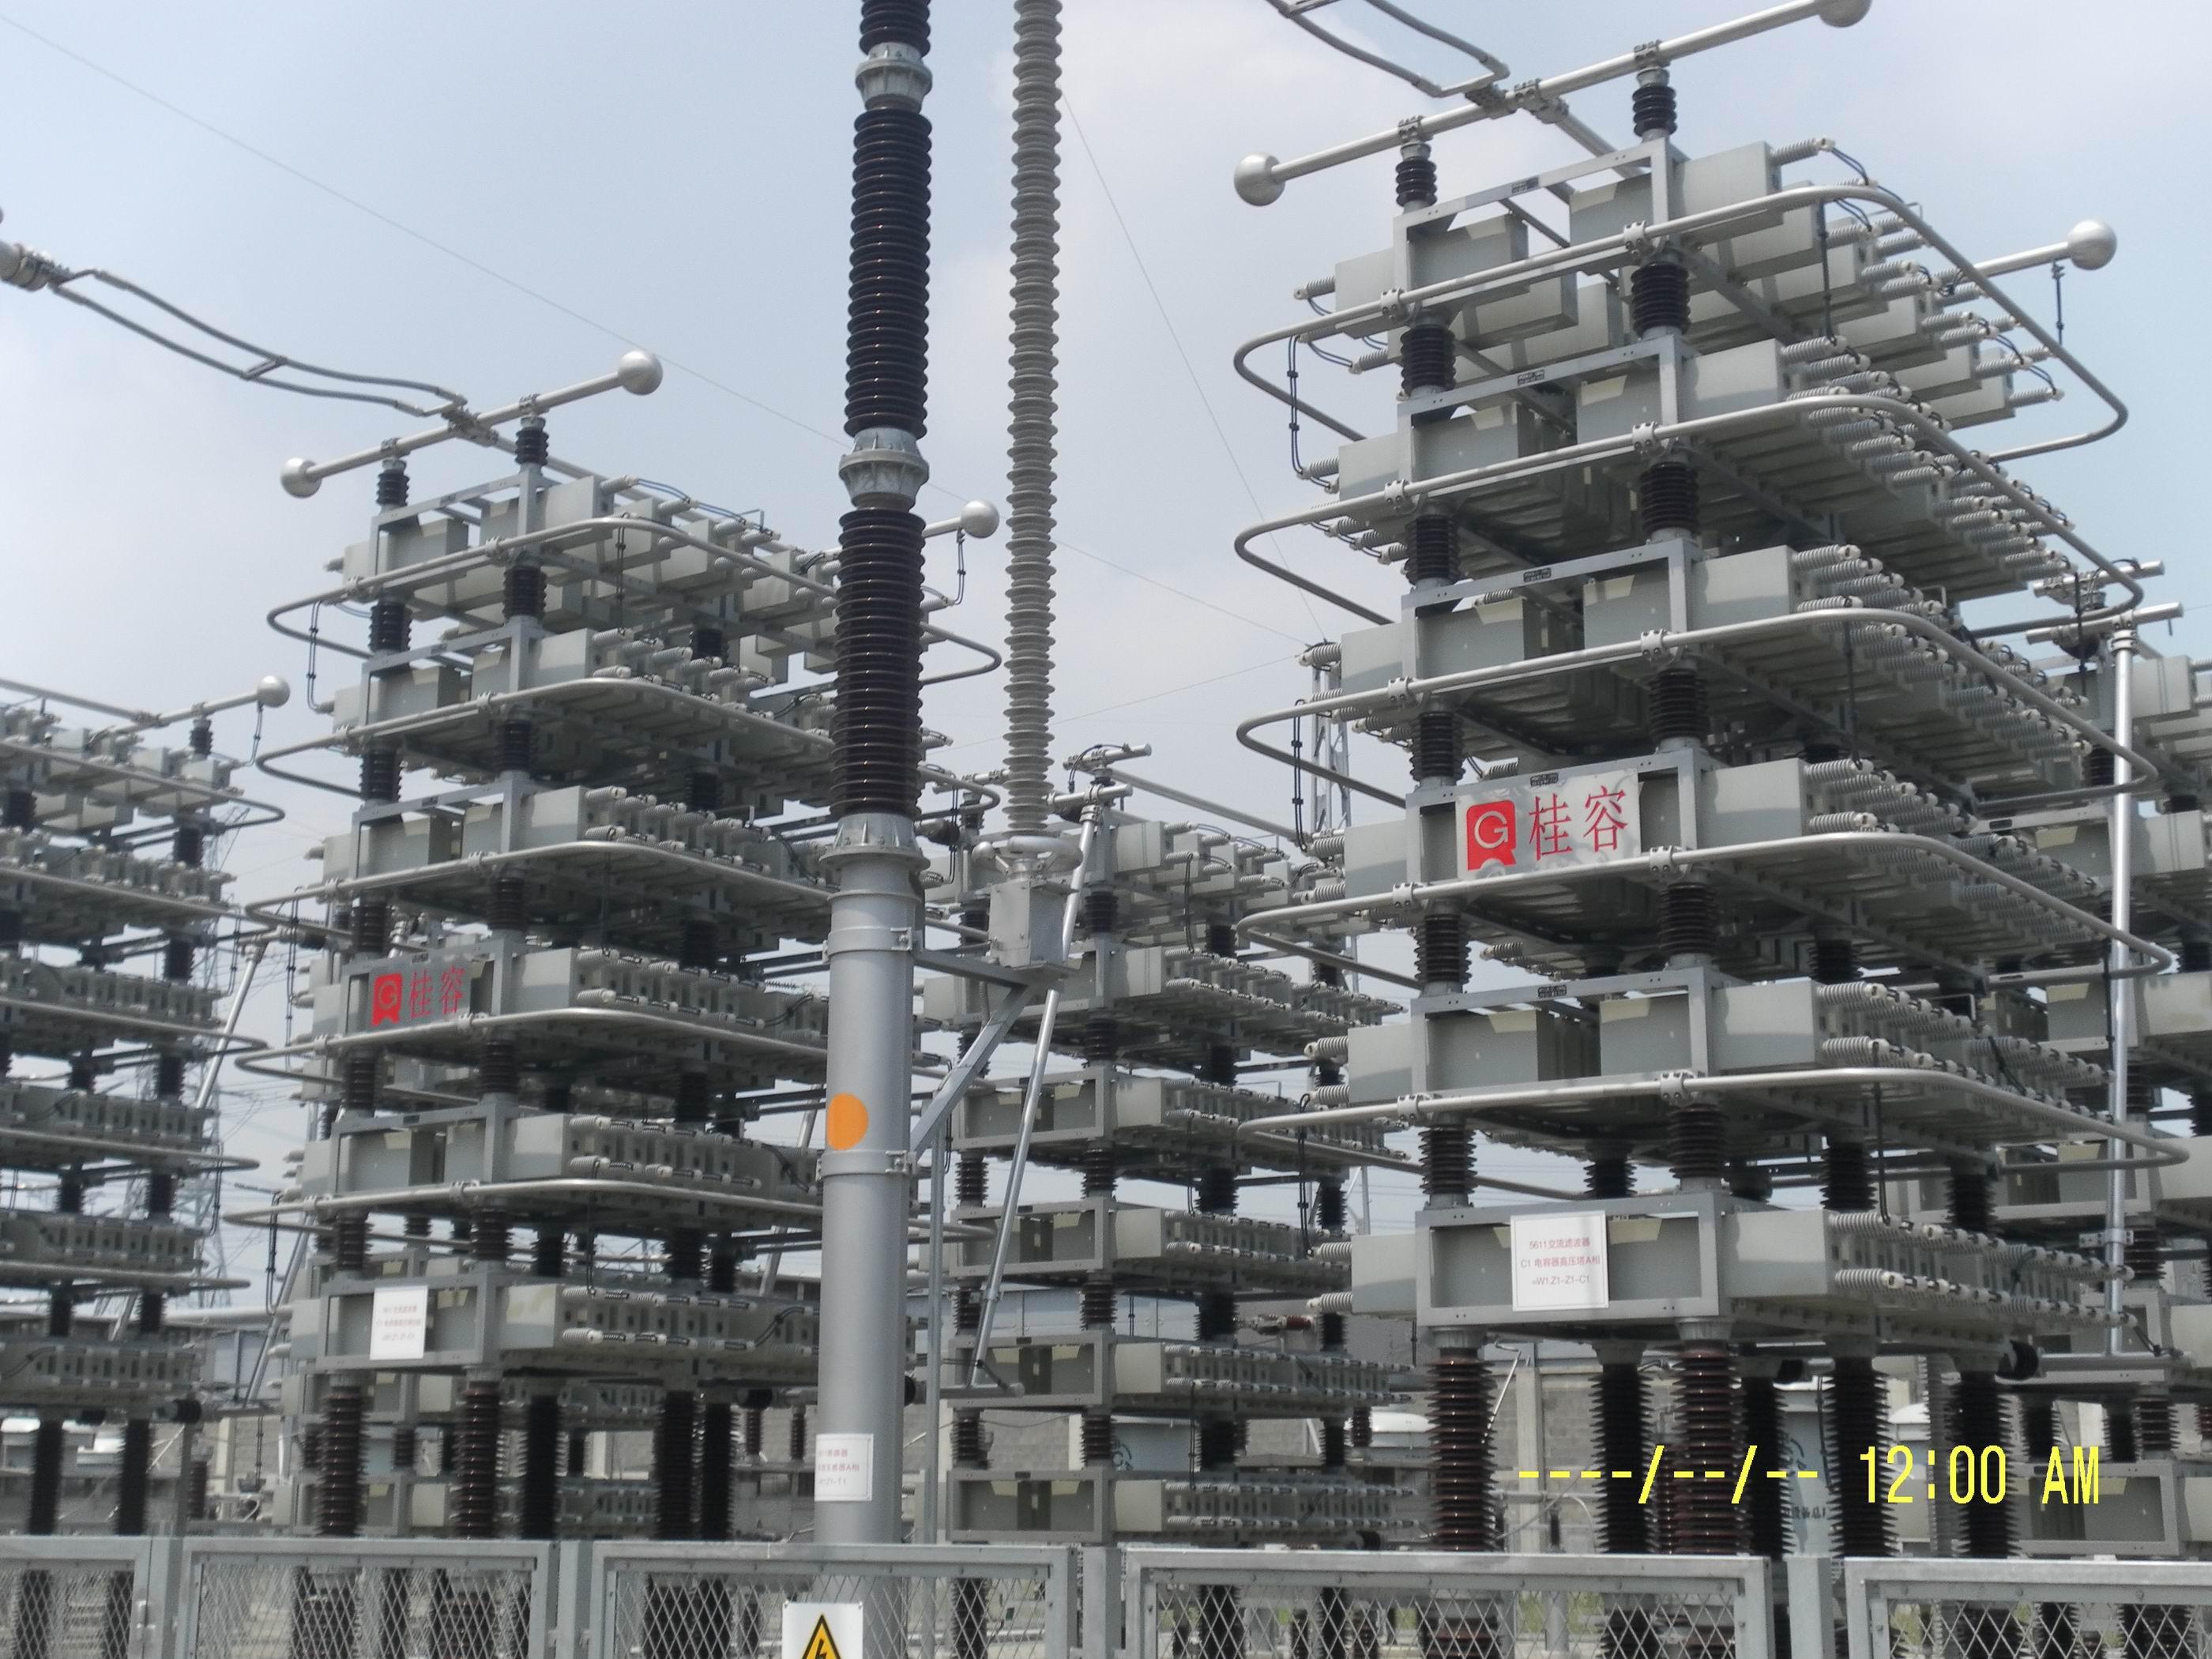 特高压直流±800kV输电工程用电容器及装置